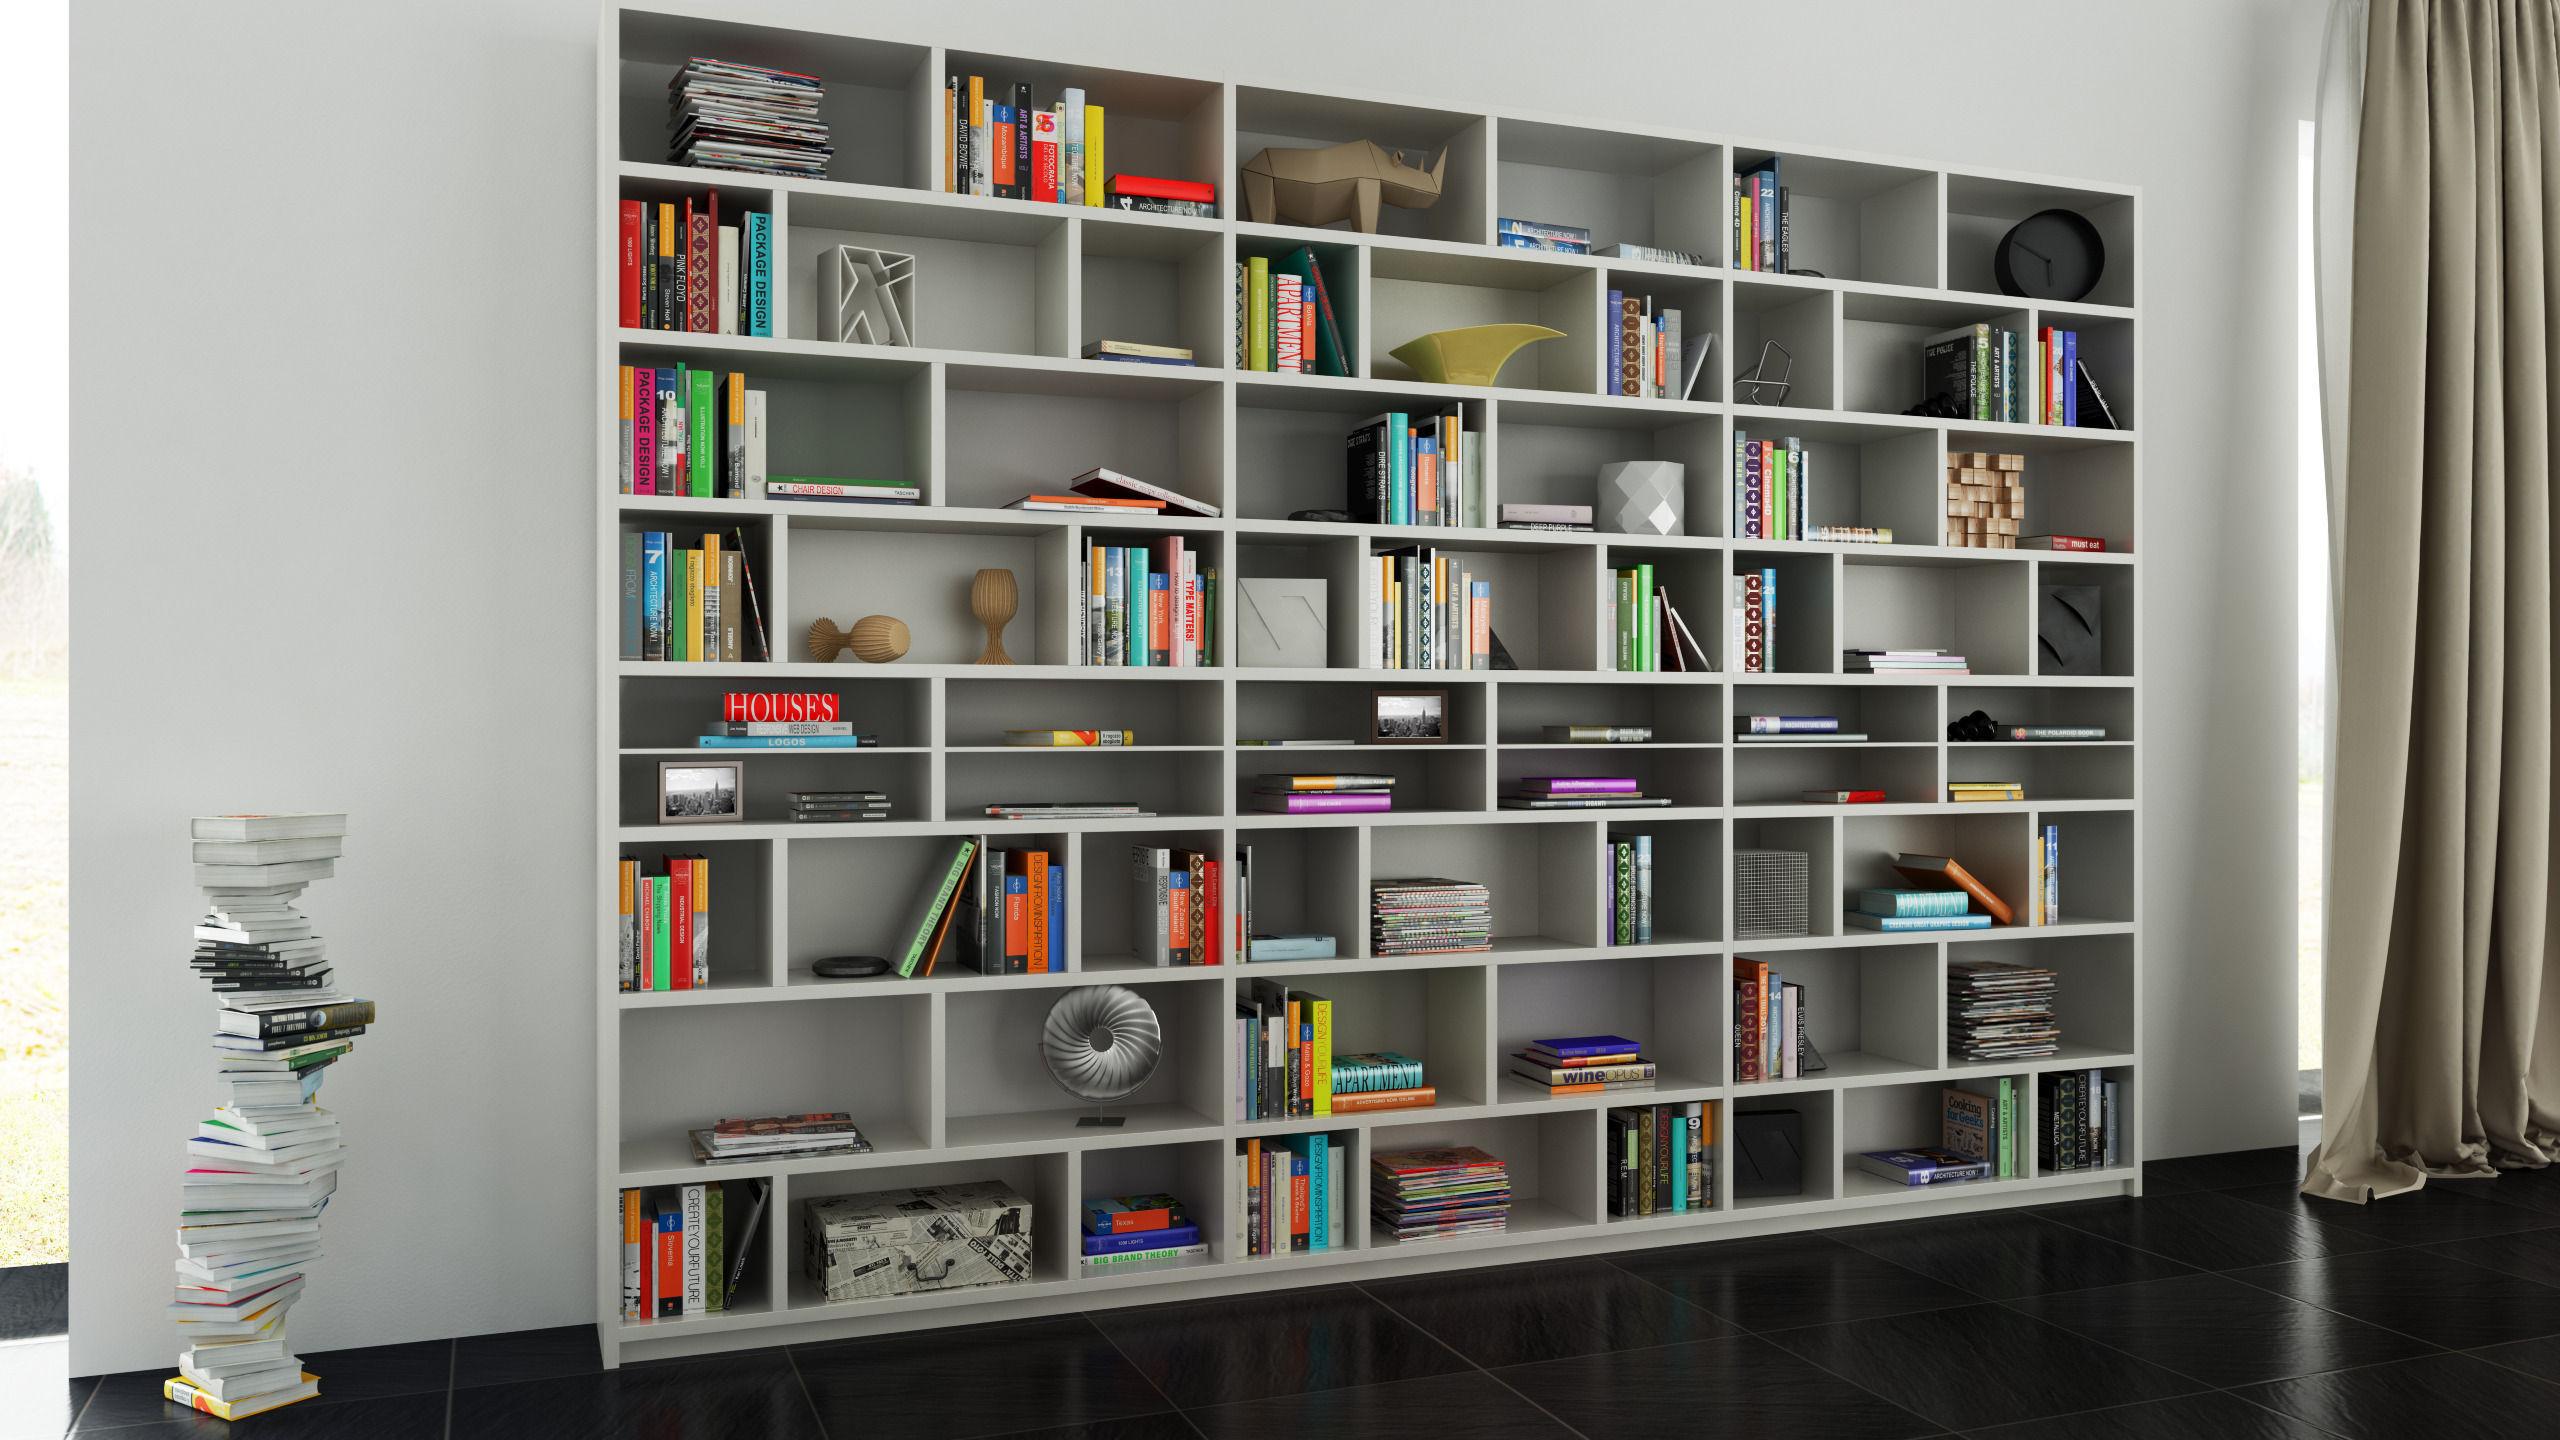 molteni 505 3 3d model c4d. Black Bedroom Furniture Sets. Home Design Ideas